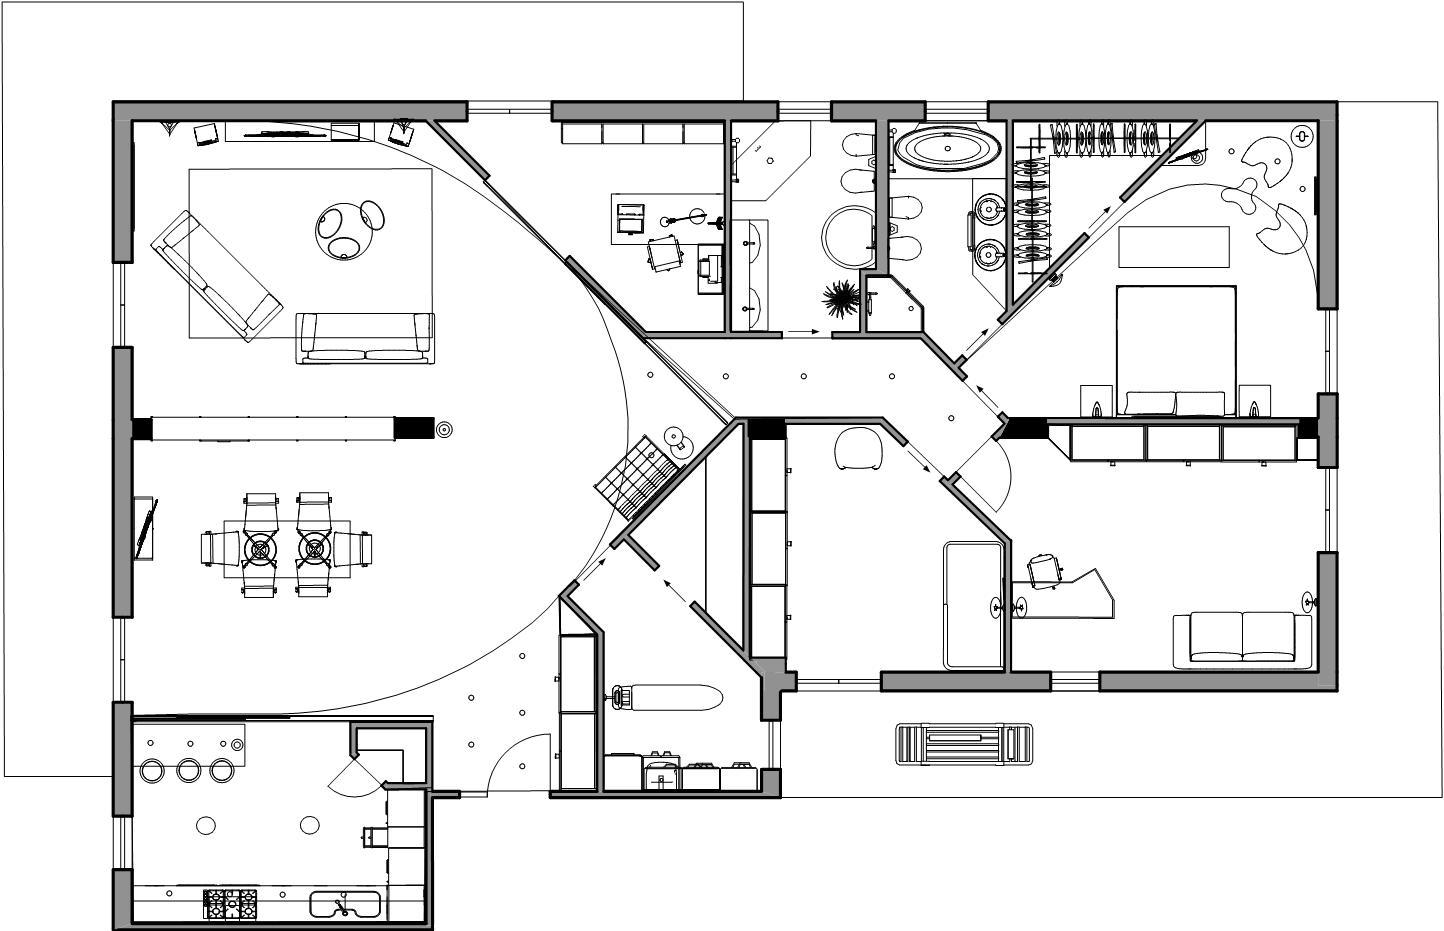 Impianti di allarme antifurto casa sistemi di for Software di progettazione per la casa